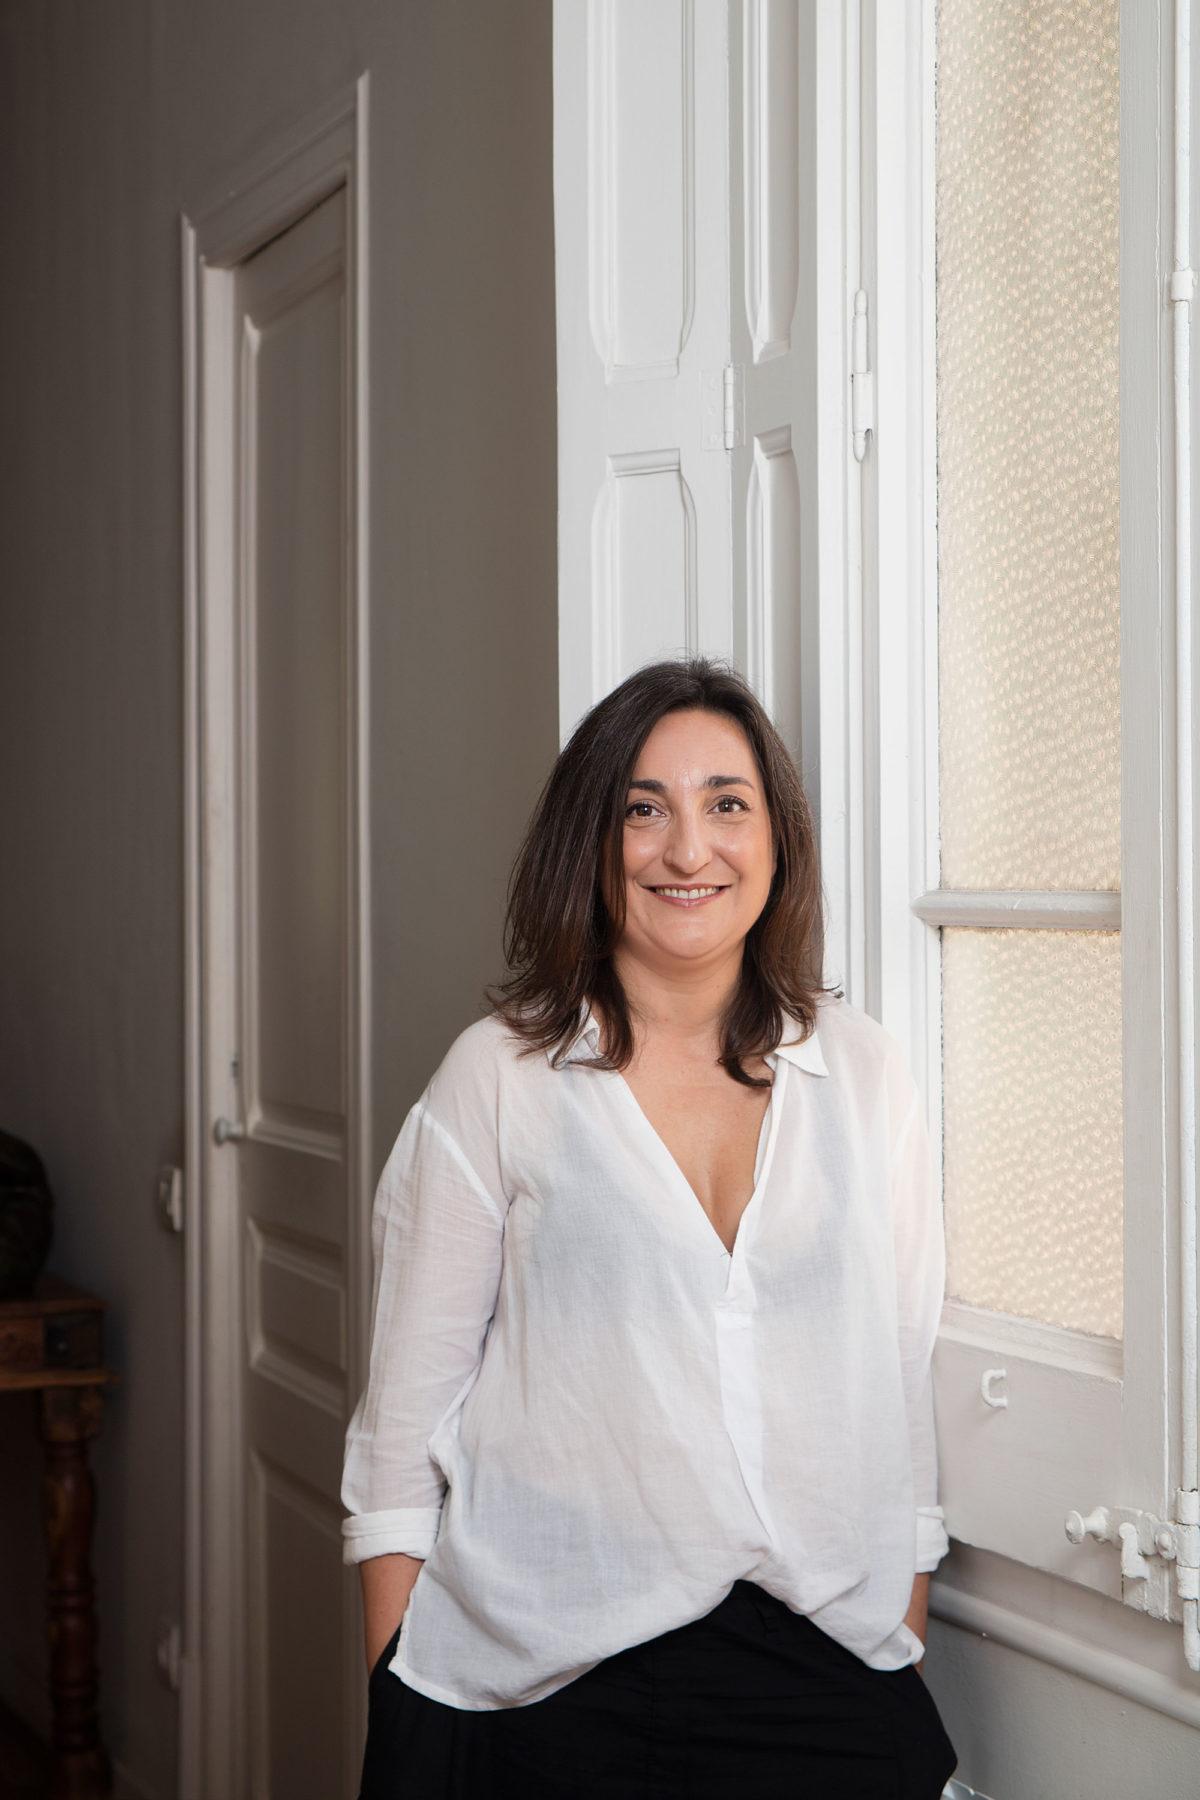 Isabel Tutusaus